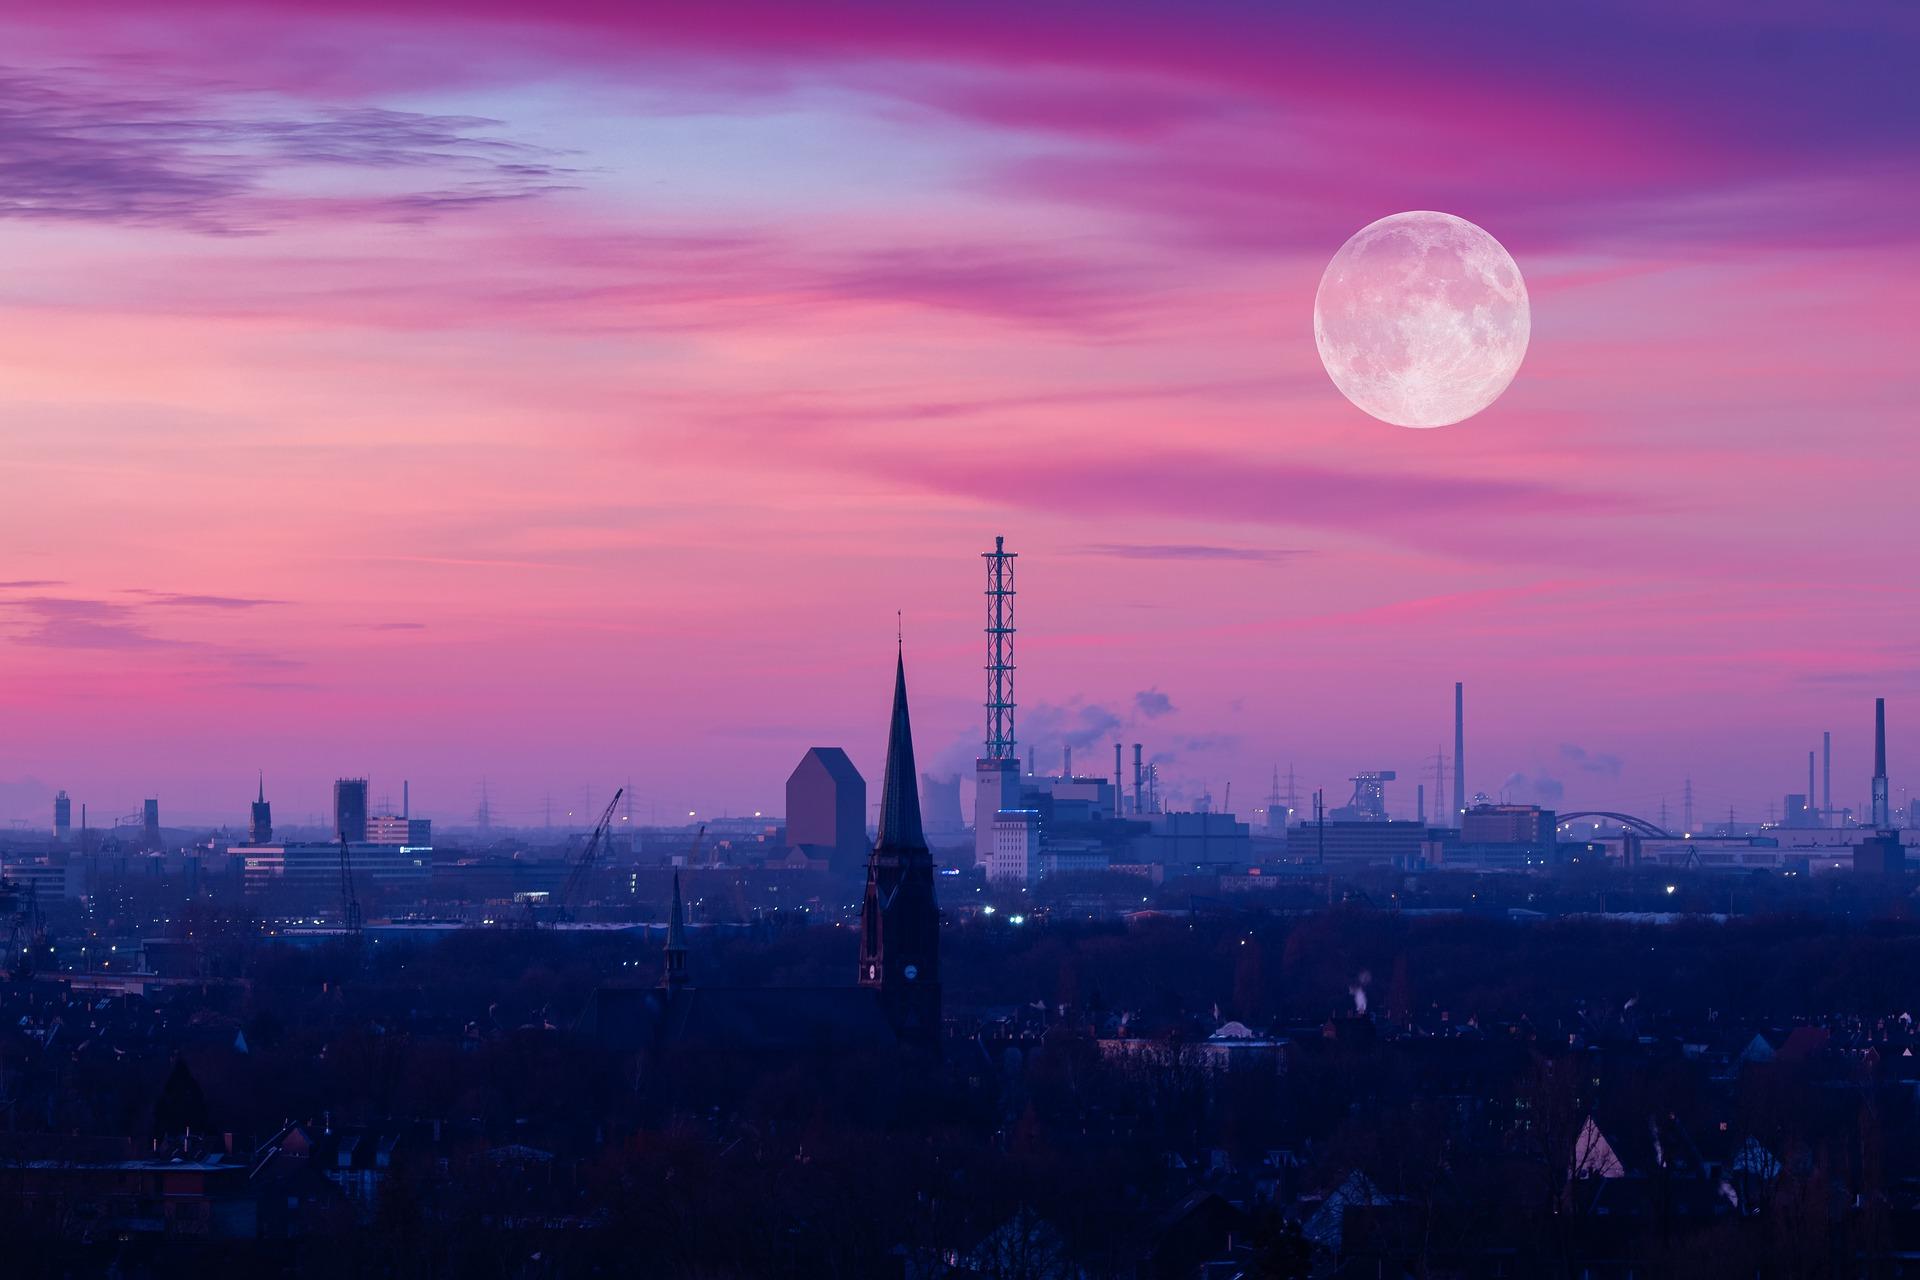 ストロベリームーンは願いごとを叶えてくれる月!復縁や恋愛成就と運気アップで幸せになる